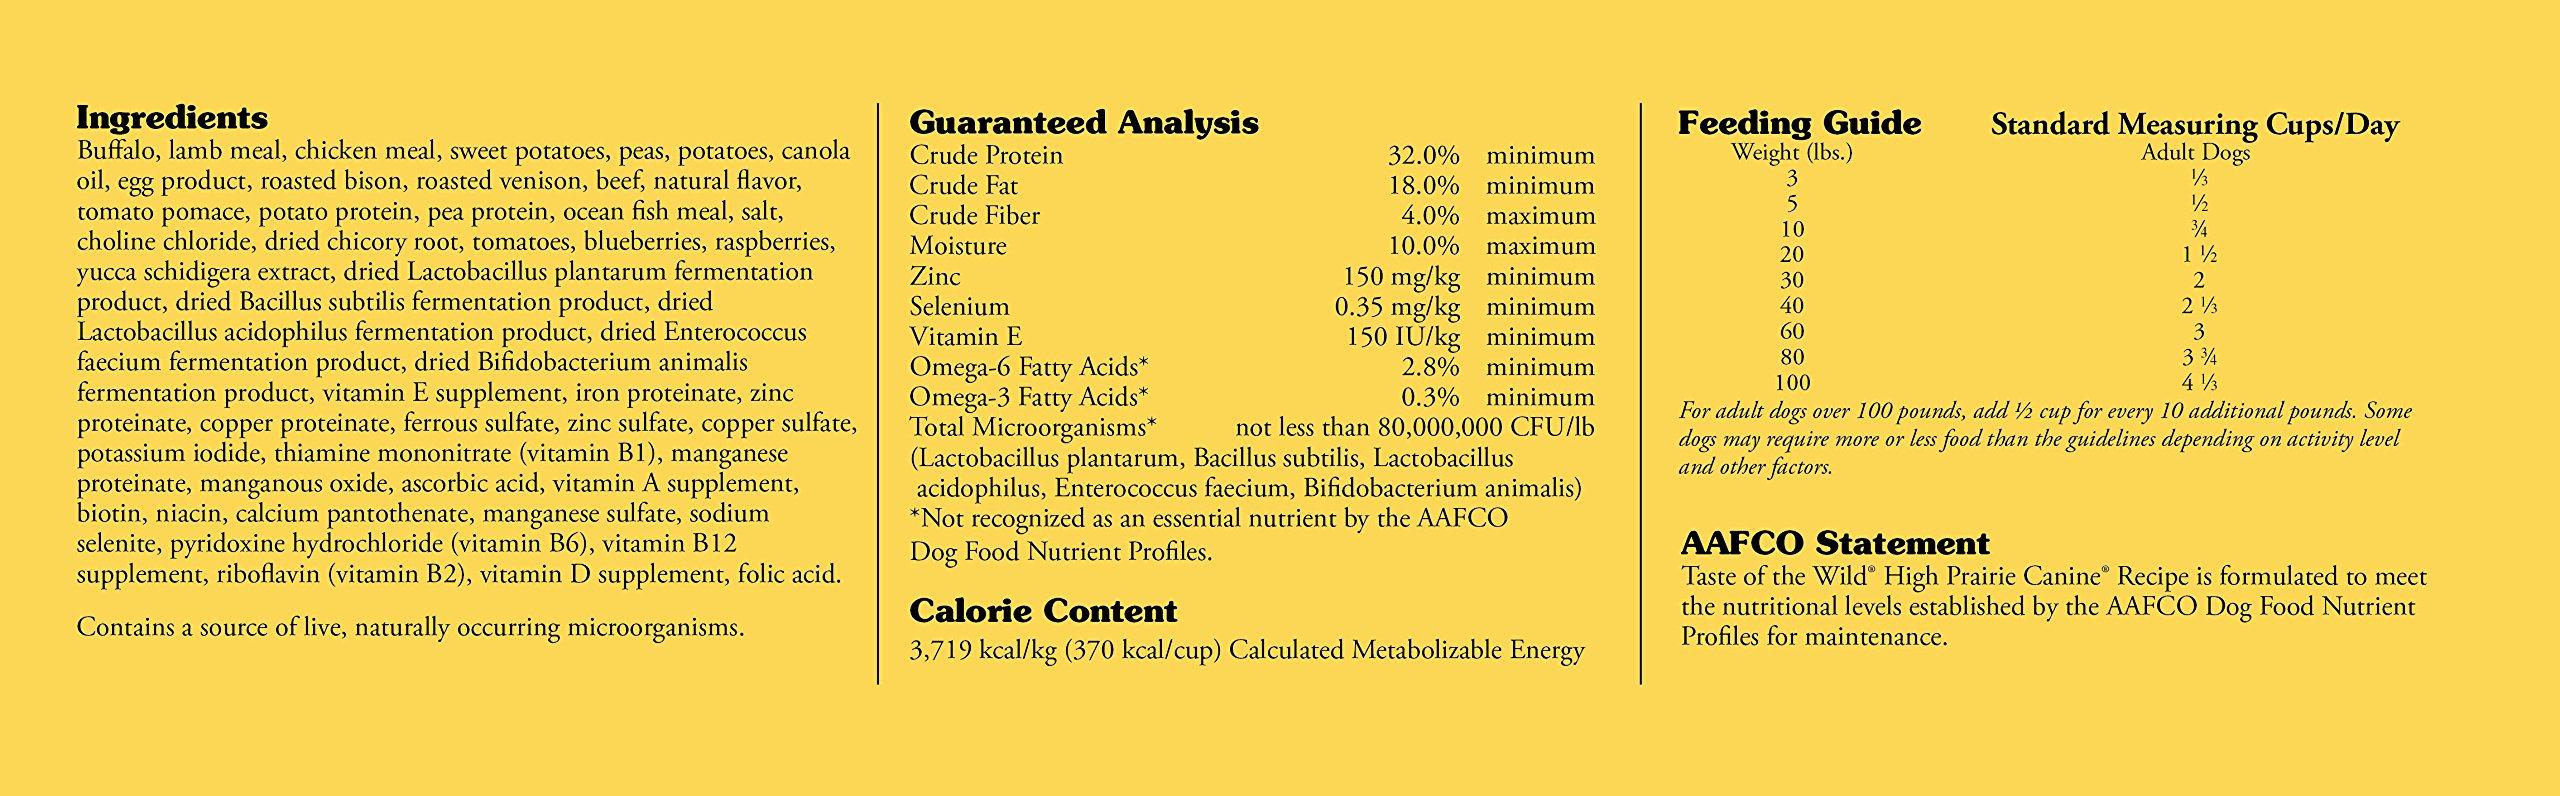 Taste of the Wild ingredients